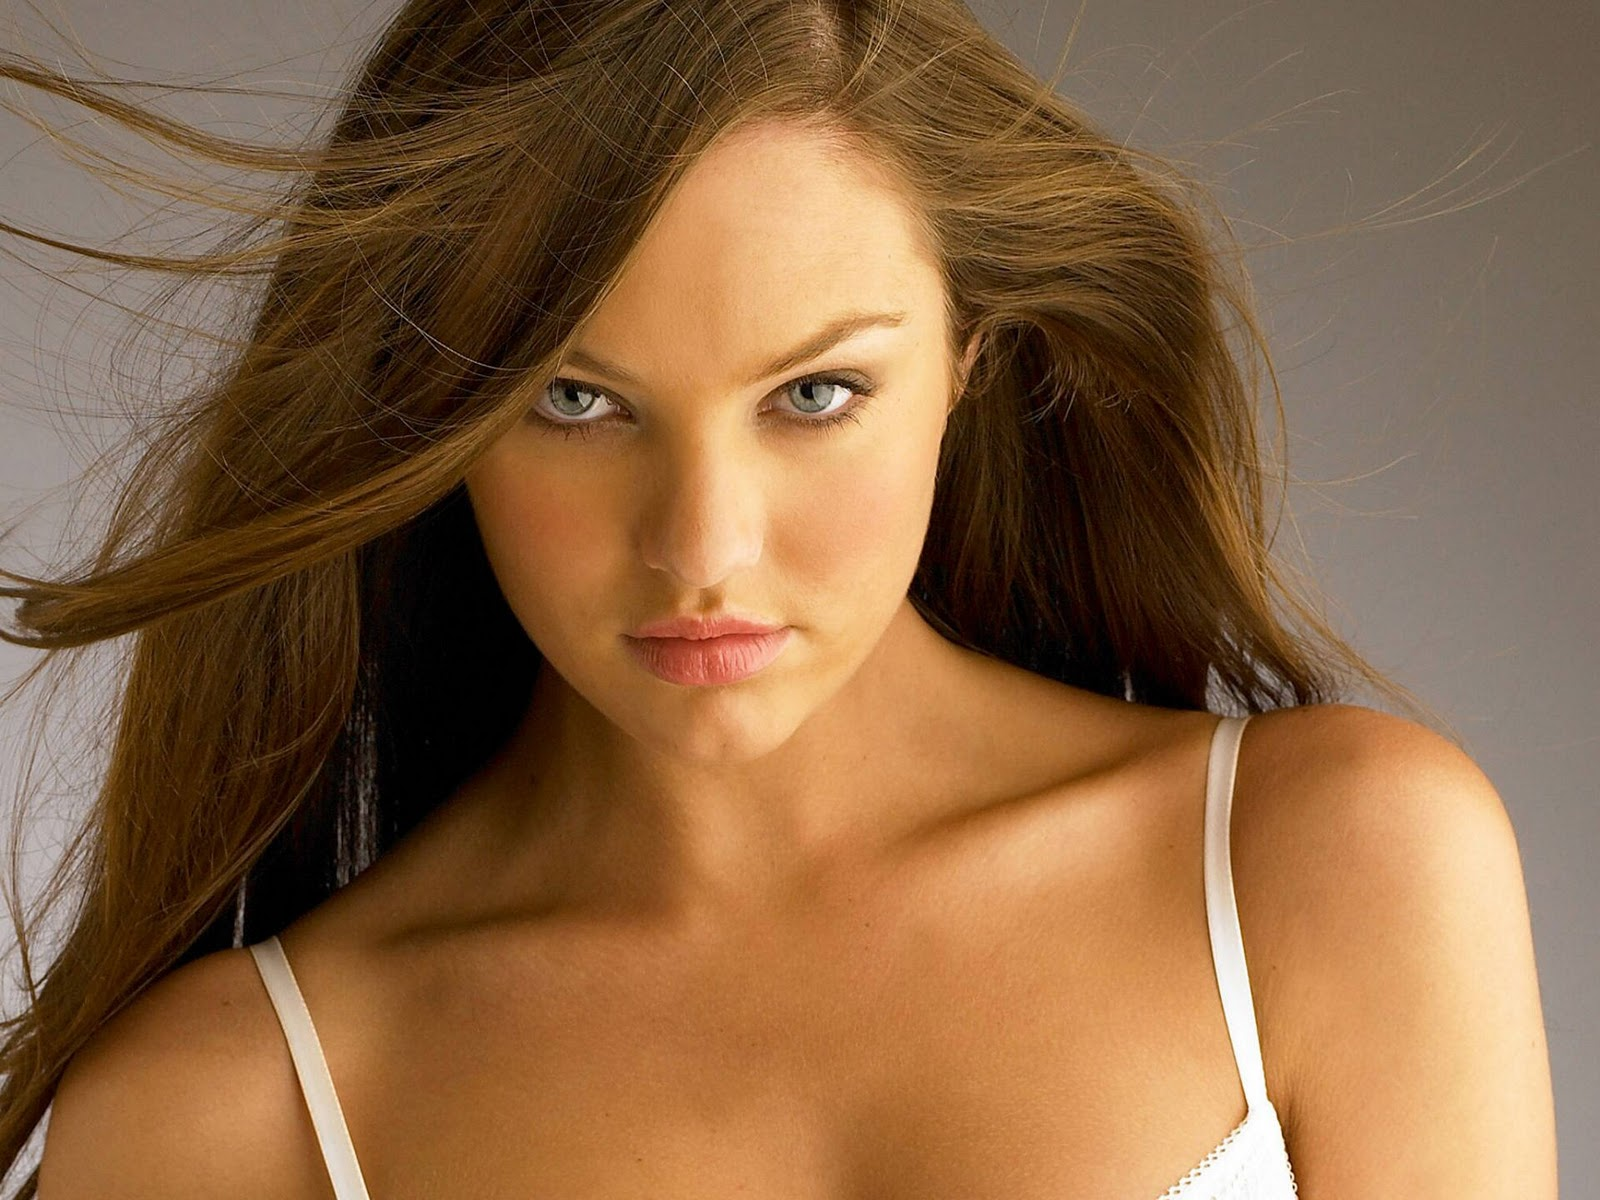 http://1.bp.blogspot.com/-3ENI4p0Adc8/TVPnlEe0PrI/AAAAAAAAAWg/oG5qYqMbhNE/s1600/Candice-Swanepoel-1.jpg